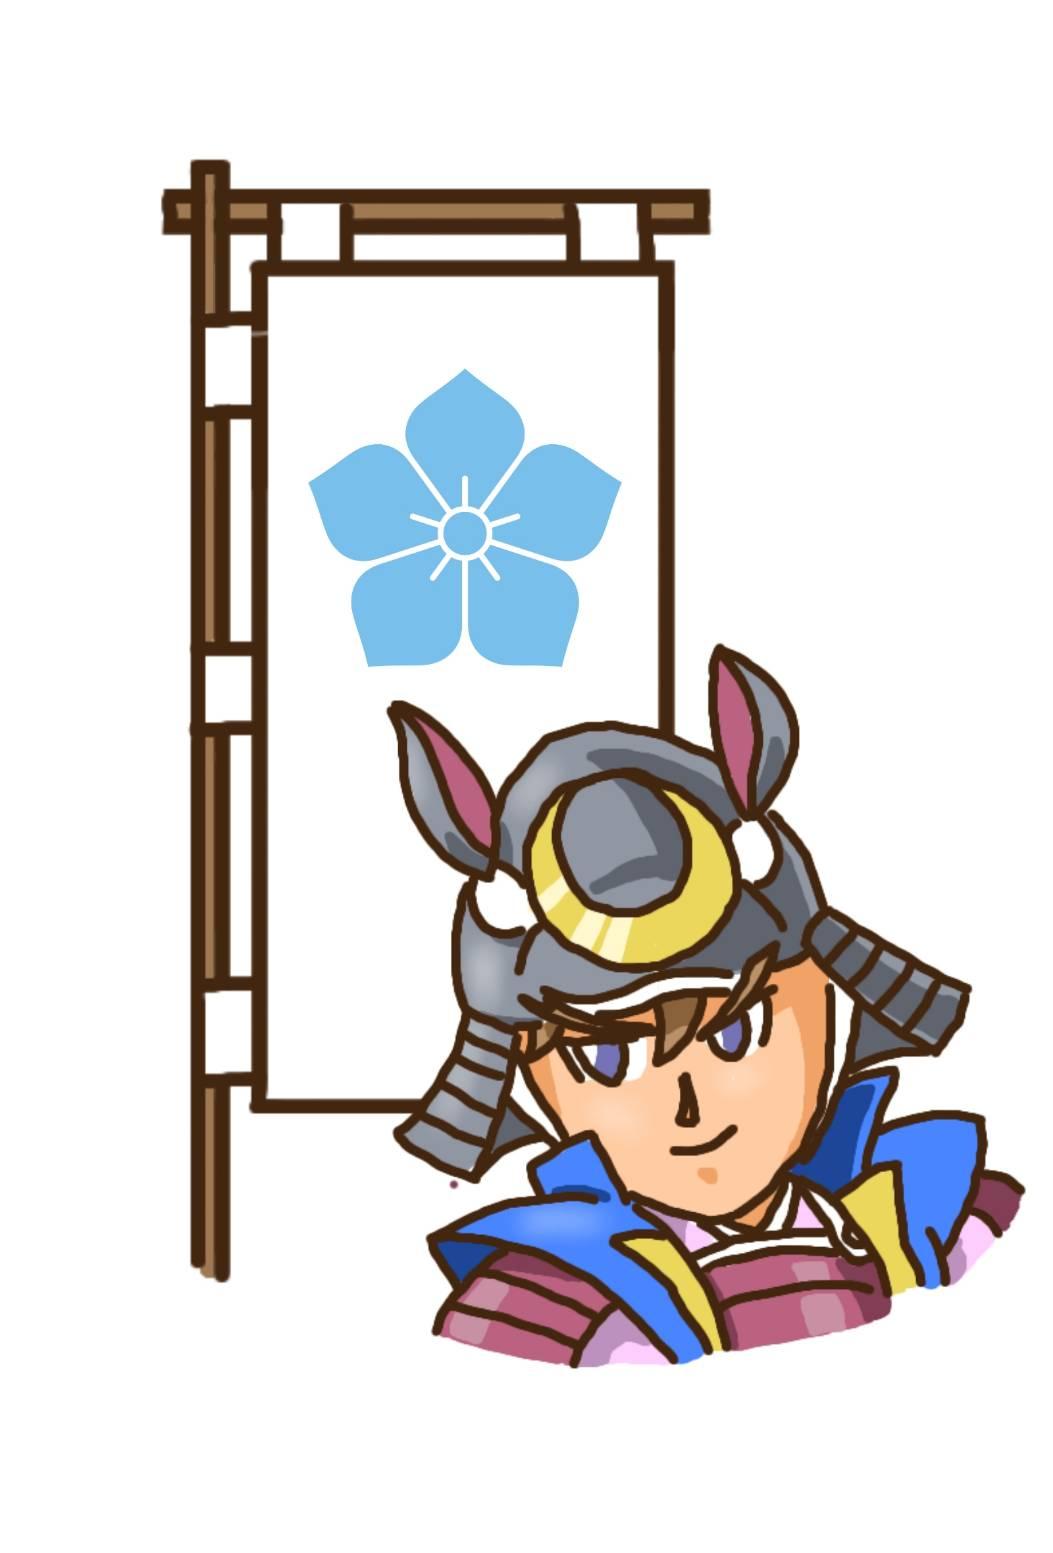 真田幸村の六文銭の意味は?旗を見ればモットーが分かる!【歴史教養クイズ】の画像21